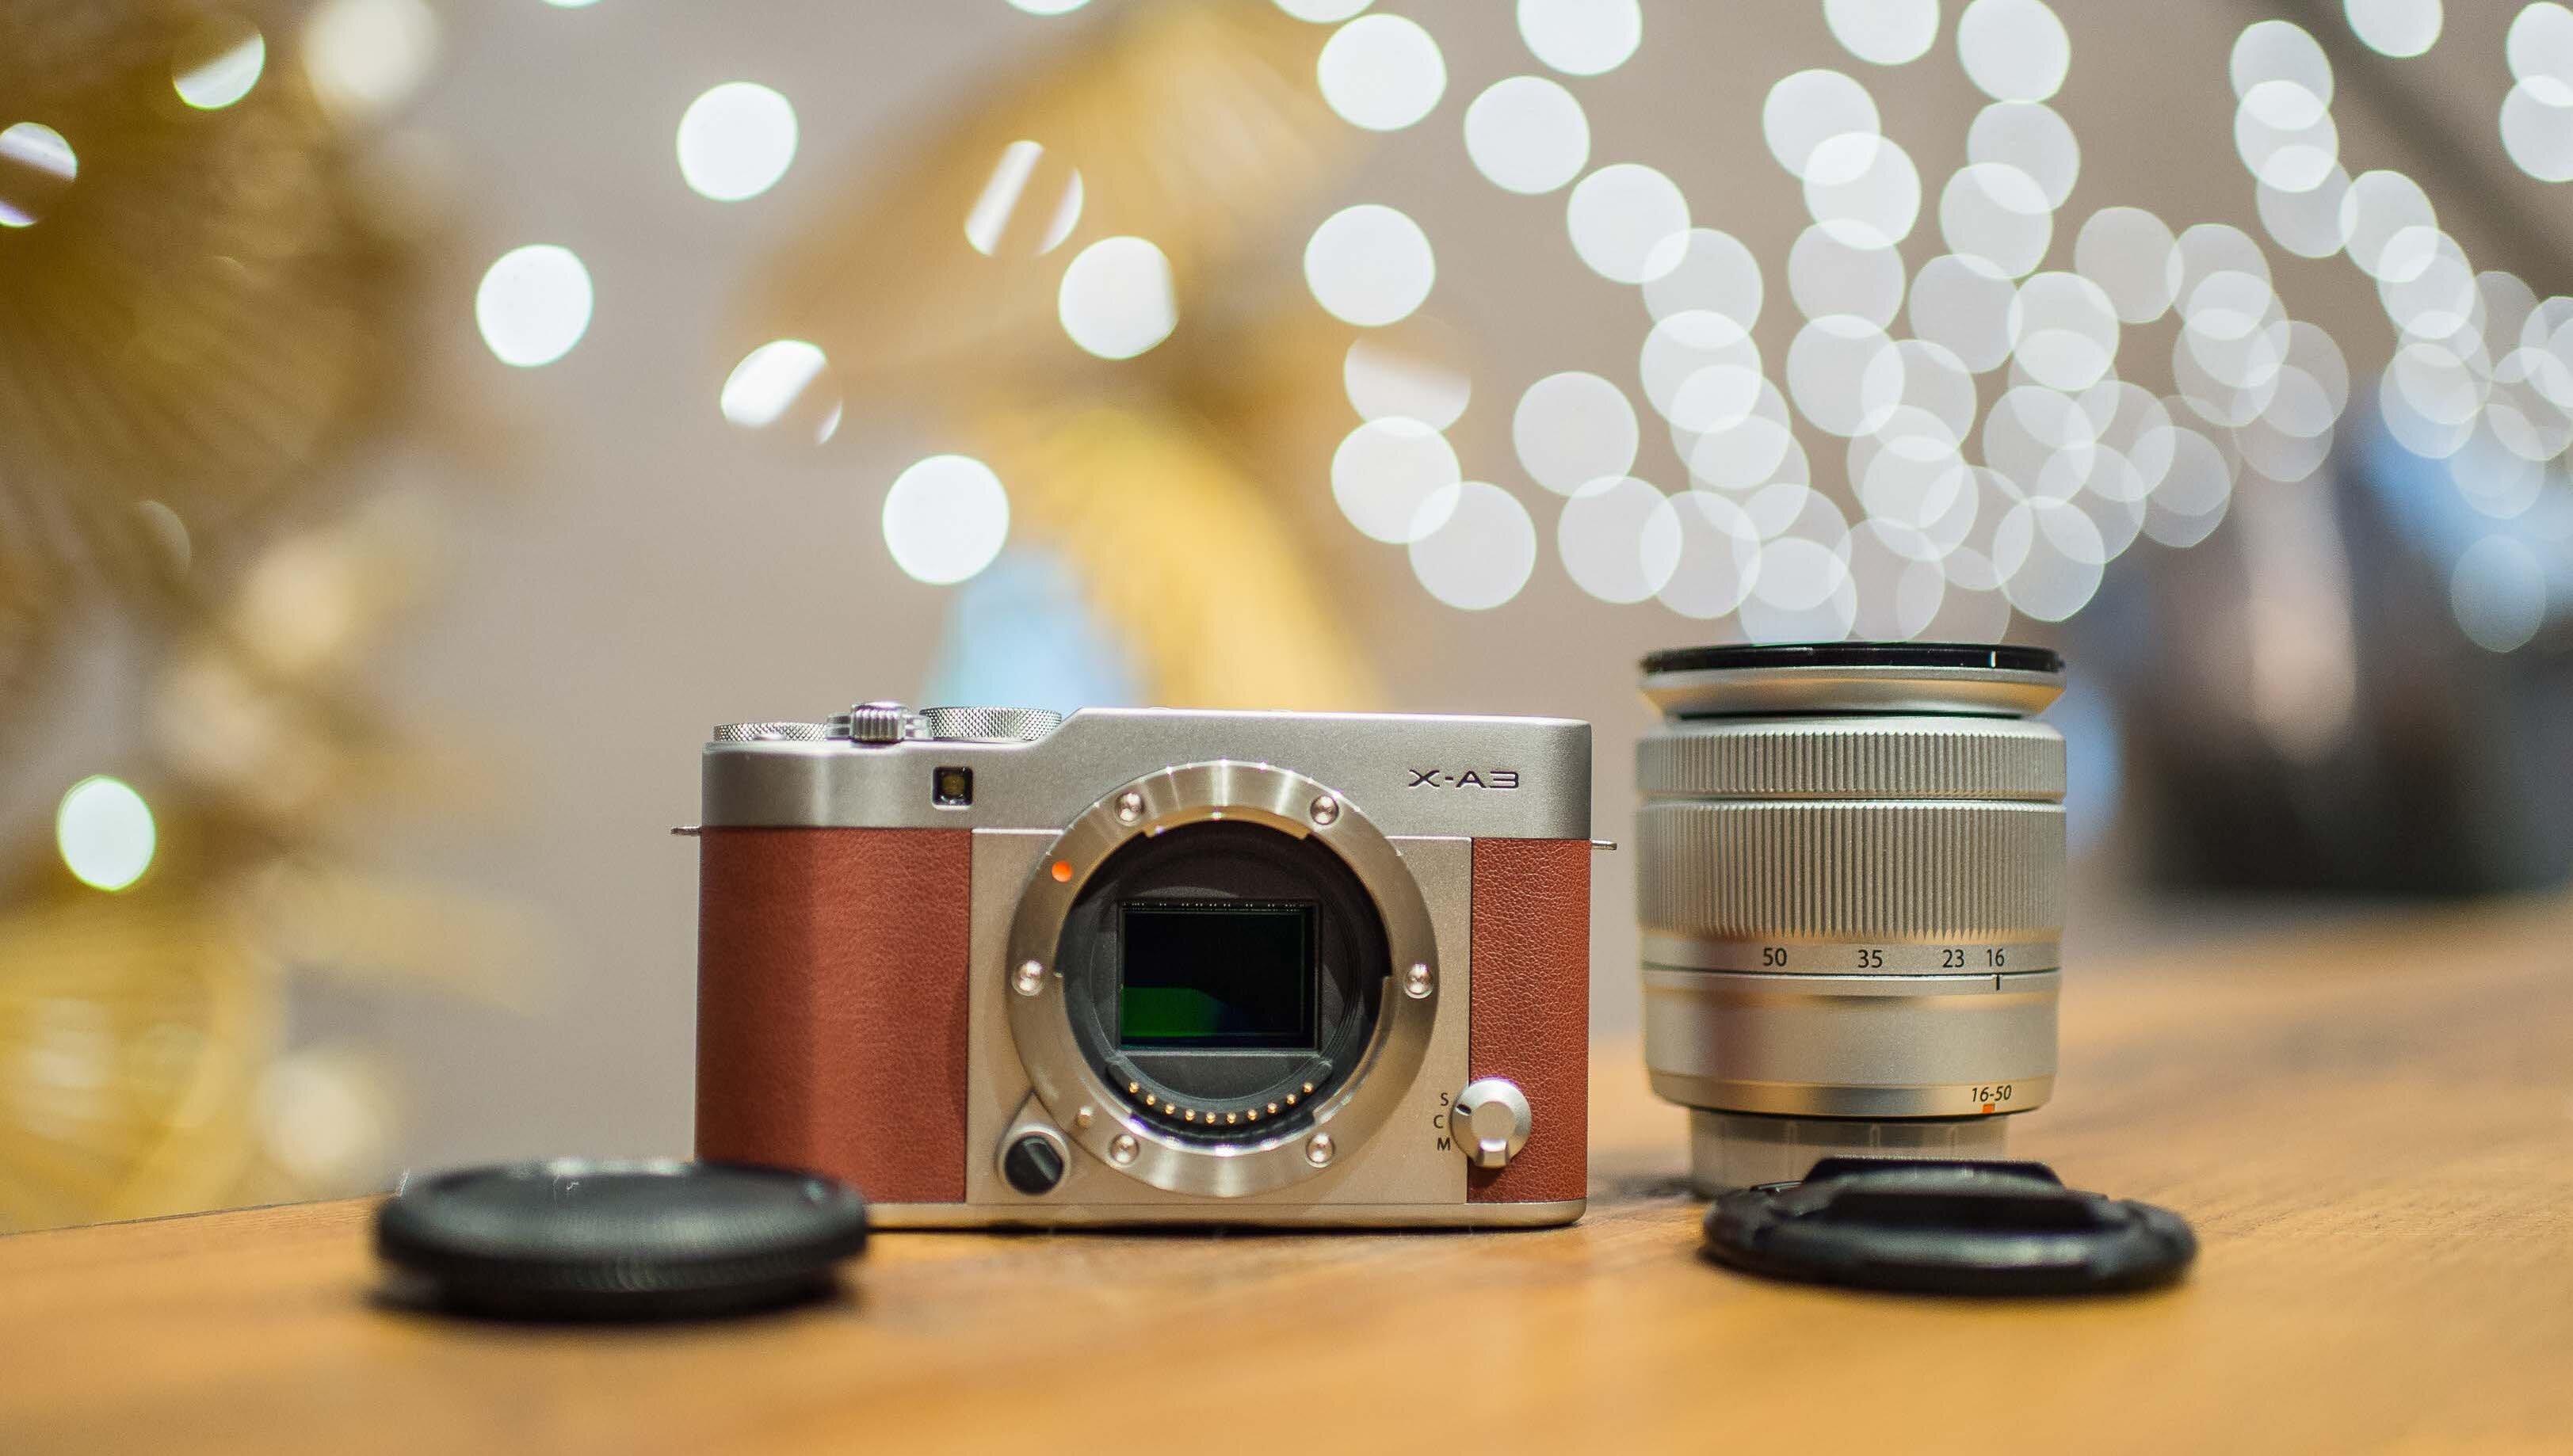 Máy ảnh XA3 thân thiện dễ sử dụng